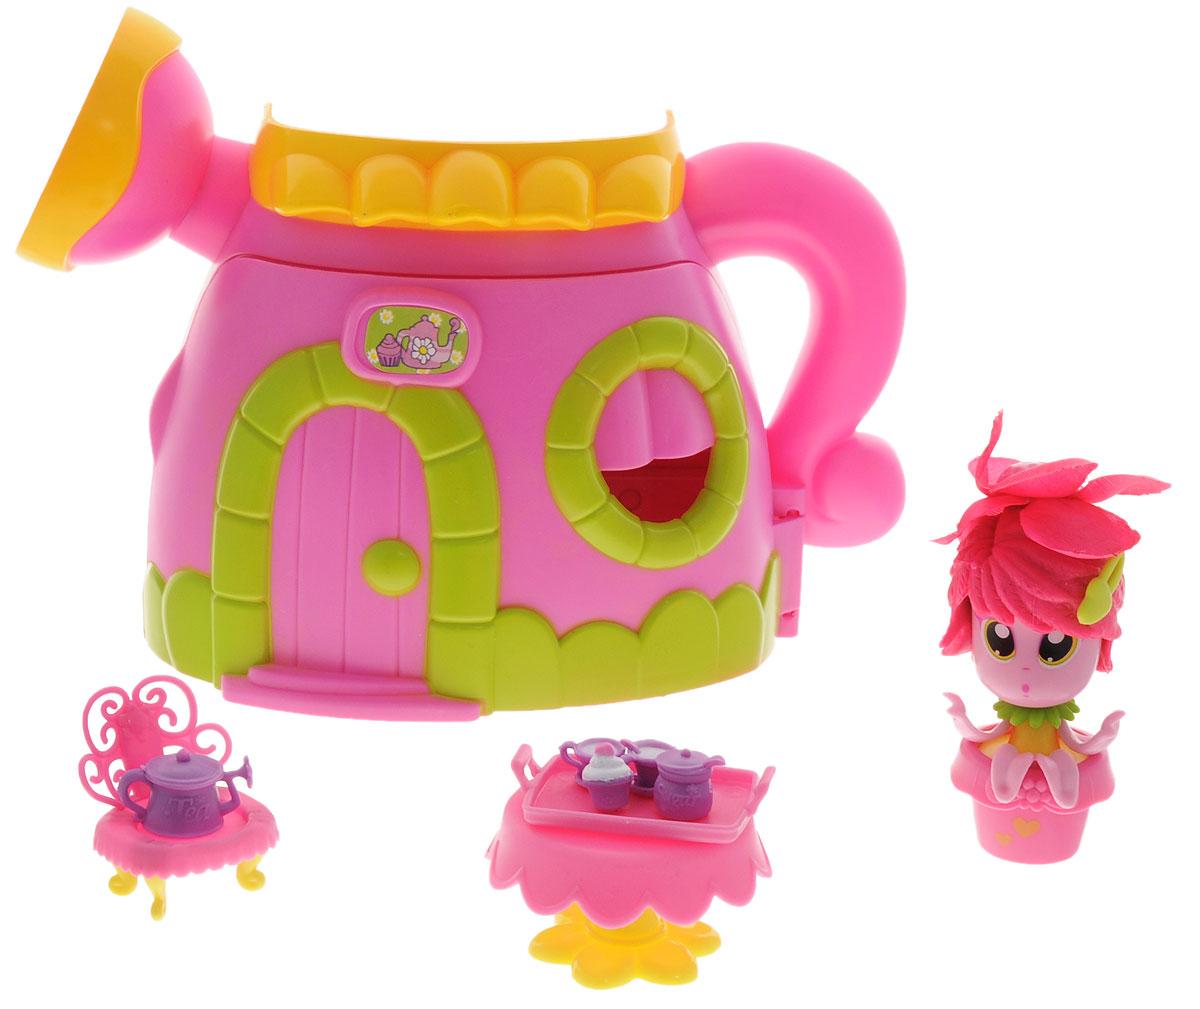 Daisy Игровой набор с мини-куклой Цветочек с домом double daisy